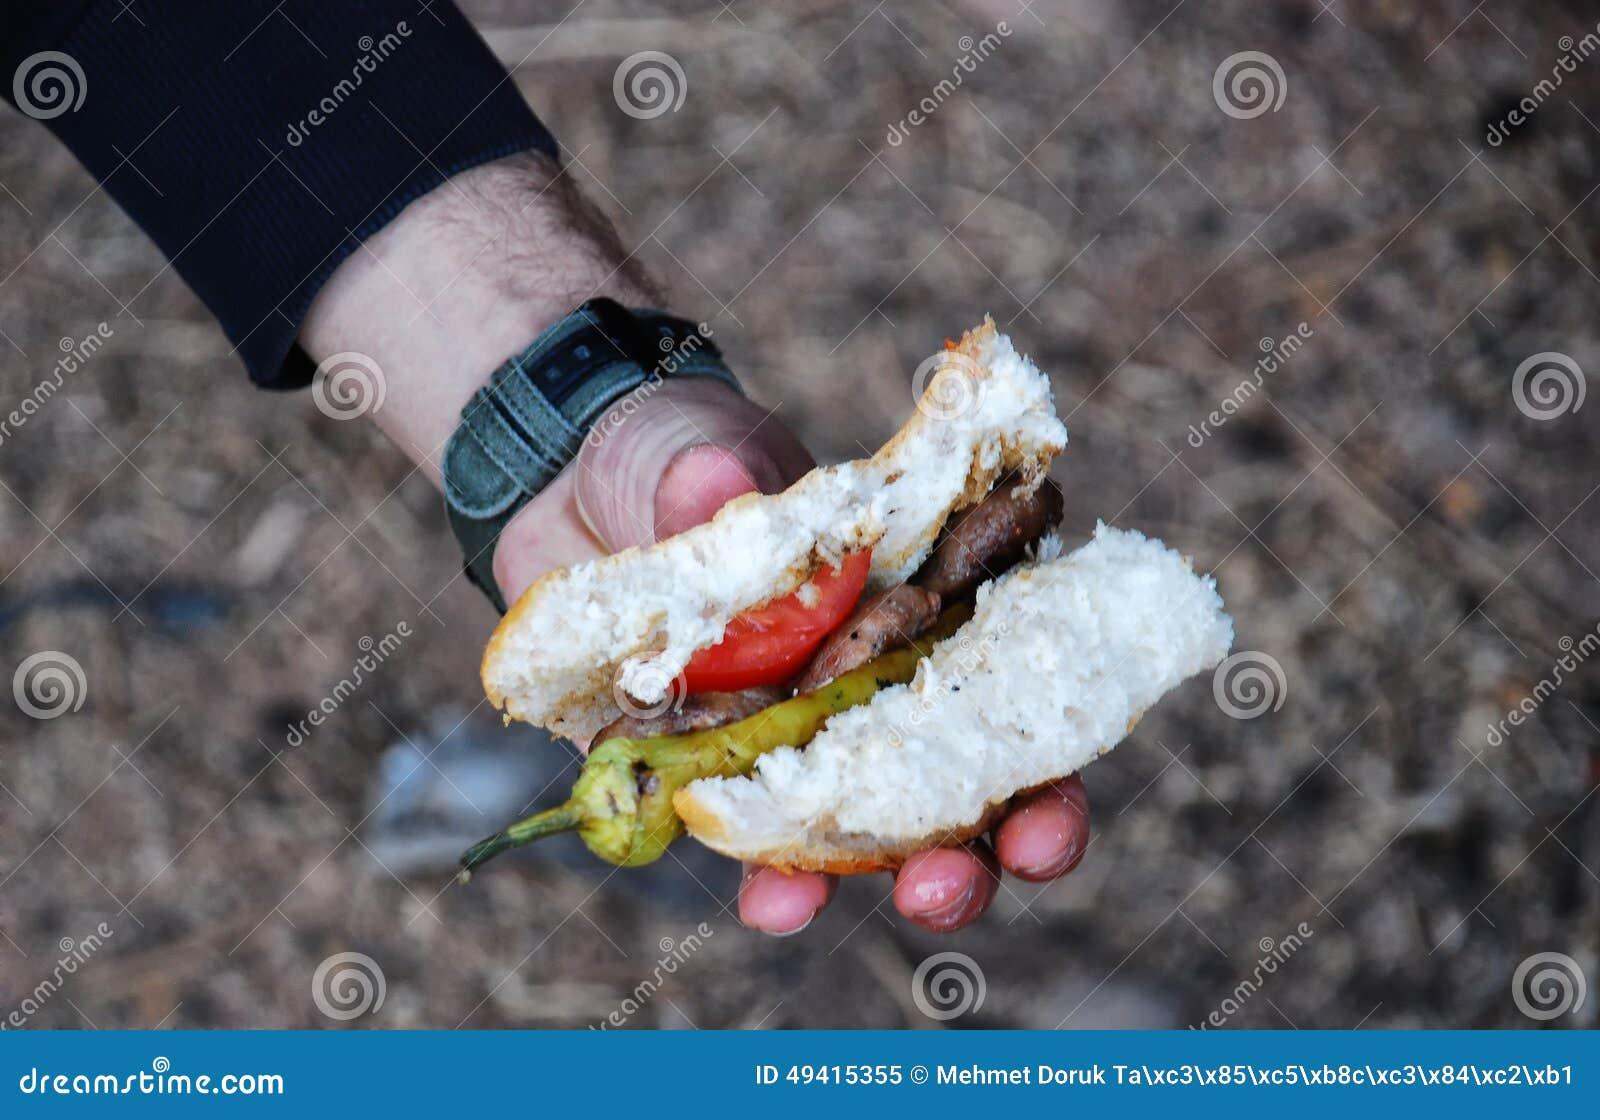 Download Fleischklöschensandwich In Der Hand Stockbild - Bild von zwiebel, hintergrund: 49415355